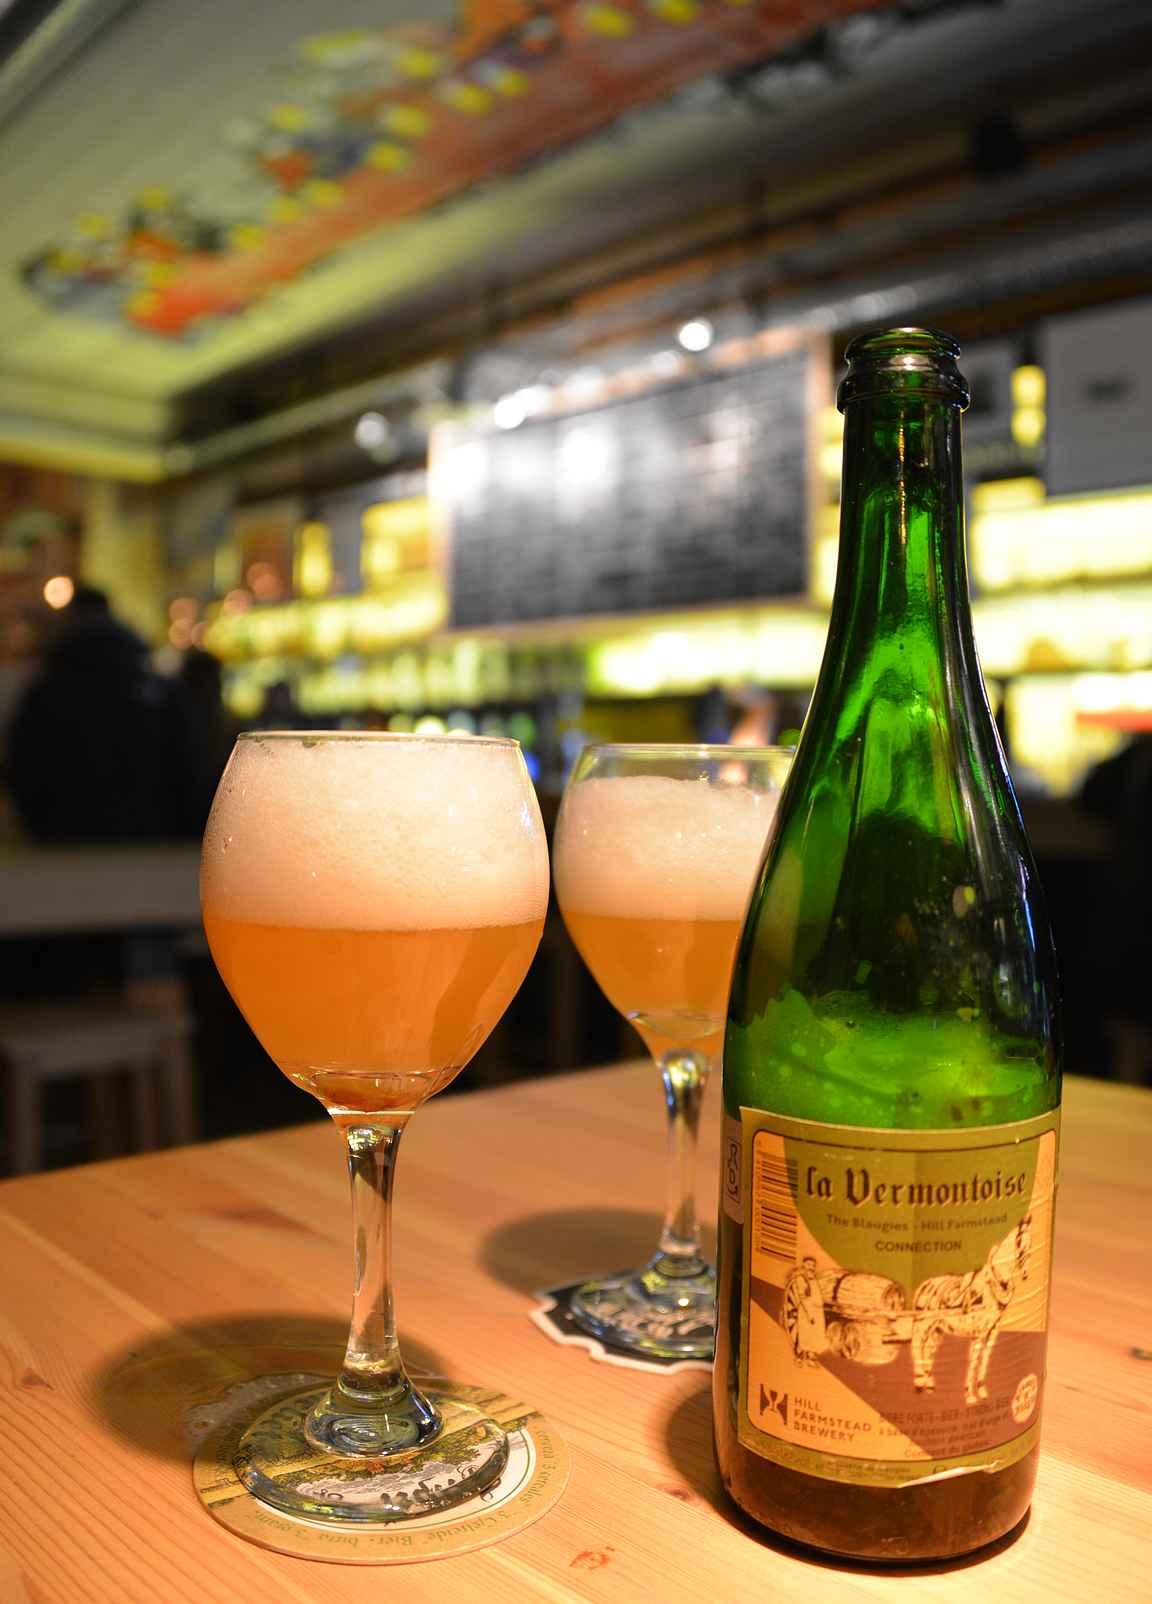 Vaikuttavan hanarivistön lisäksi tarjolla on erinomainen valikoima pullo-oluita ympäri maailmaa.